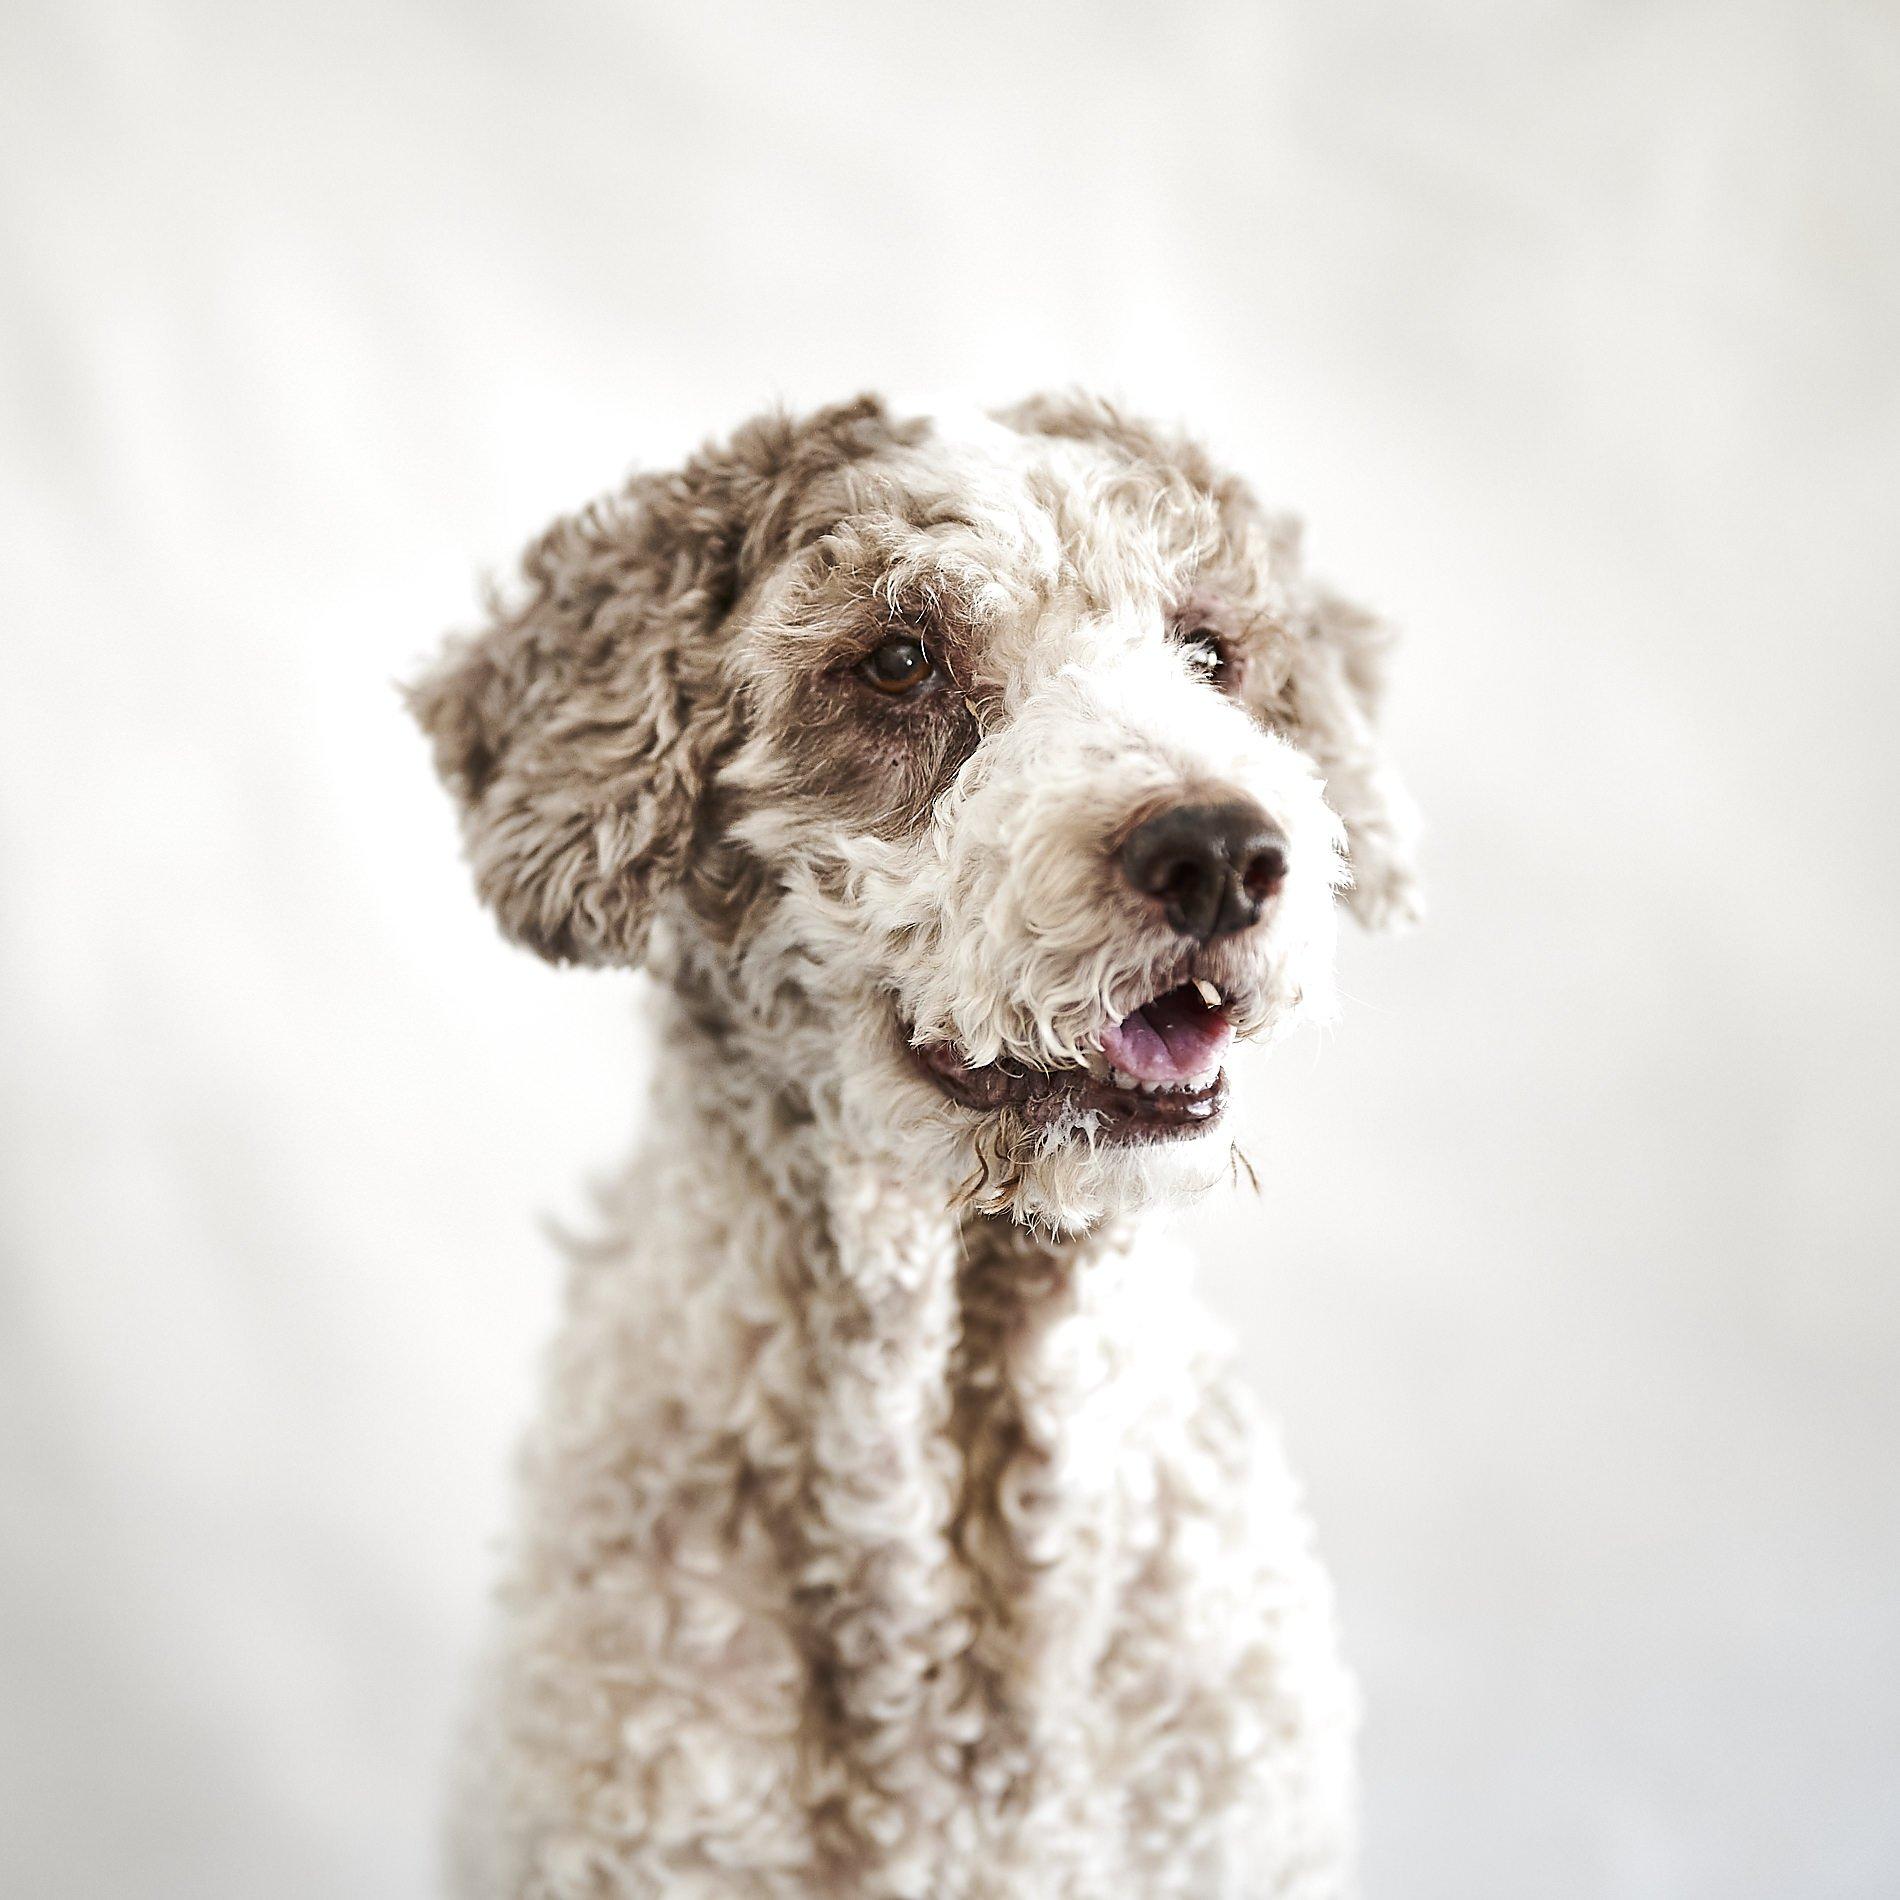 fotografo de perros y gatos